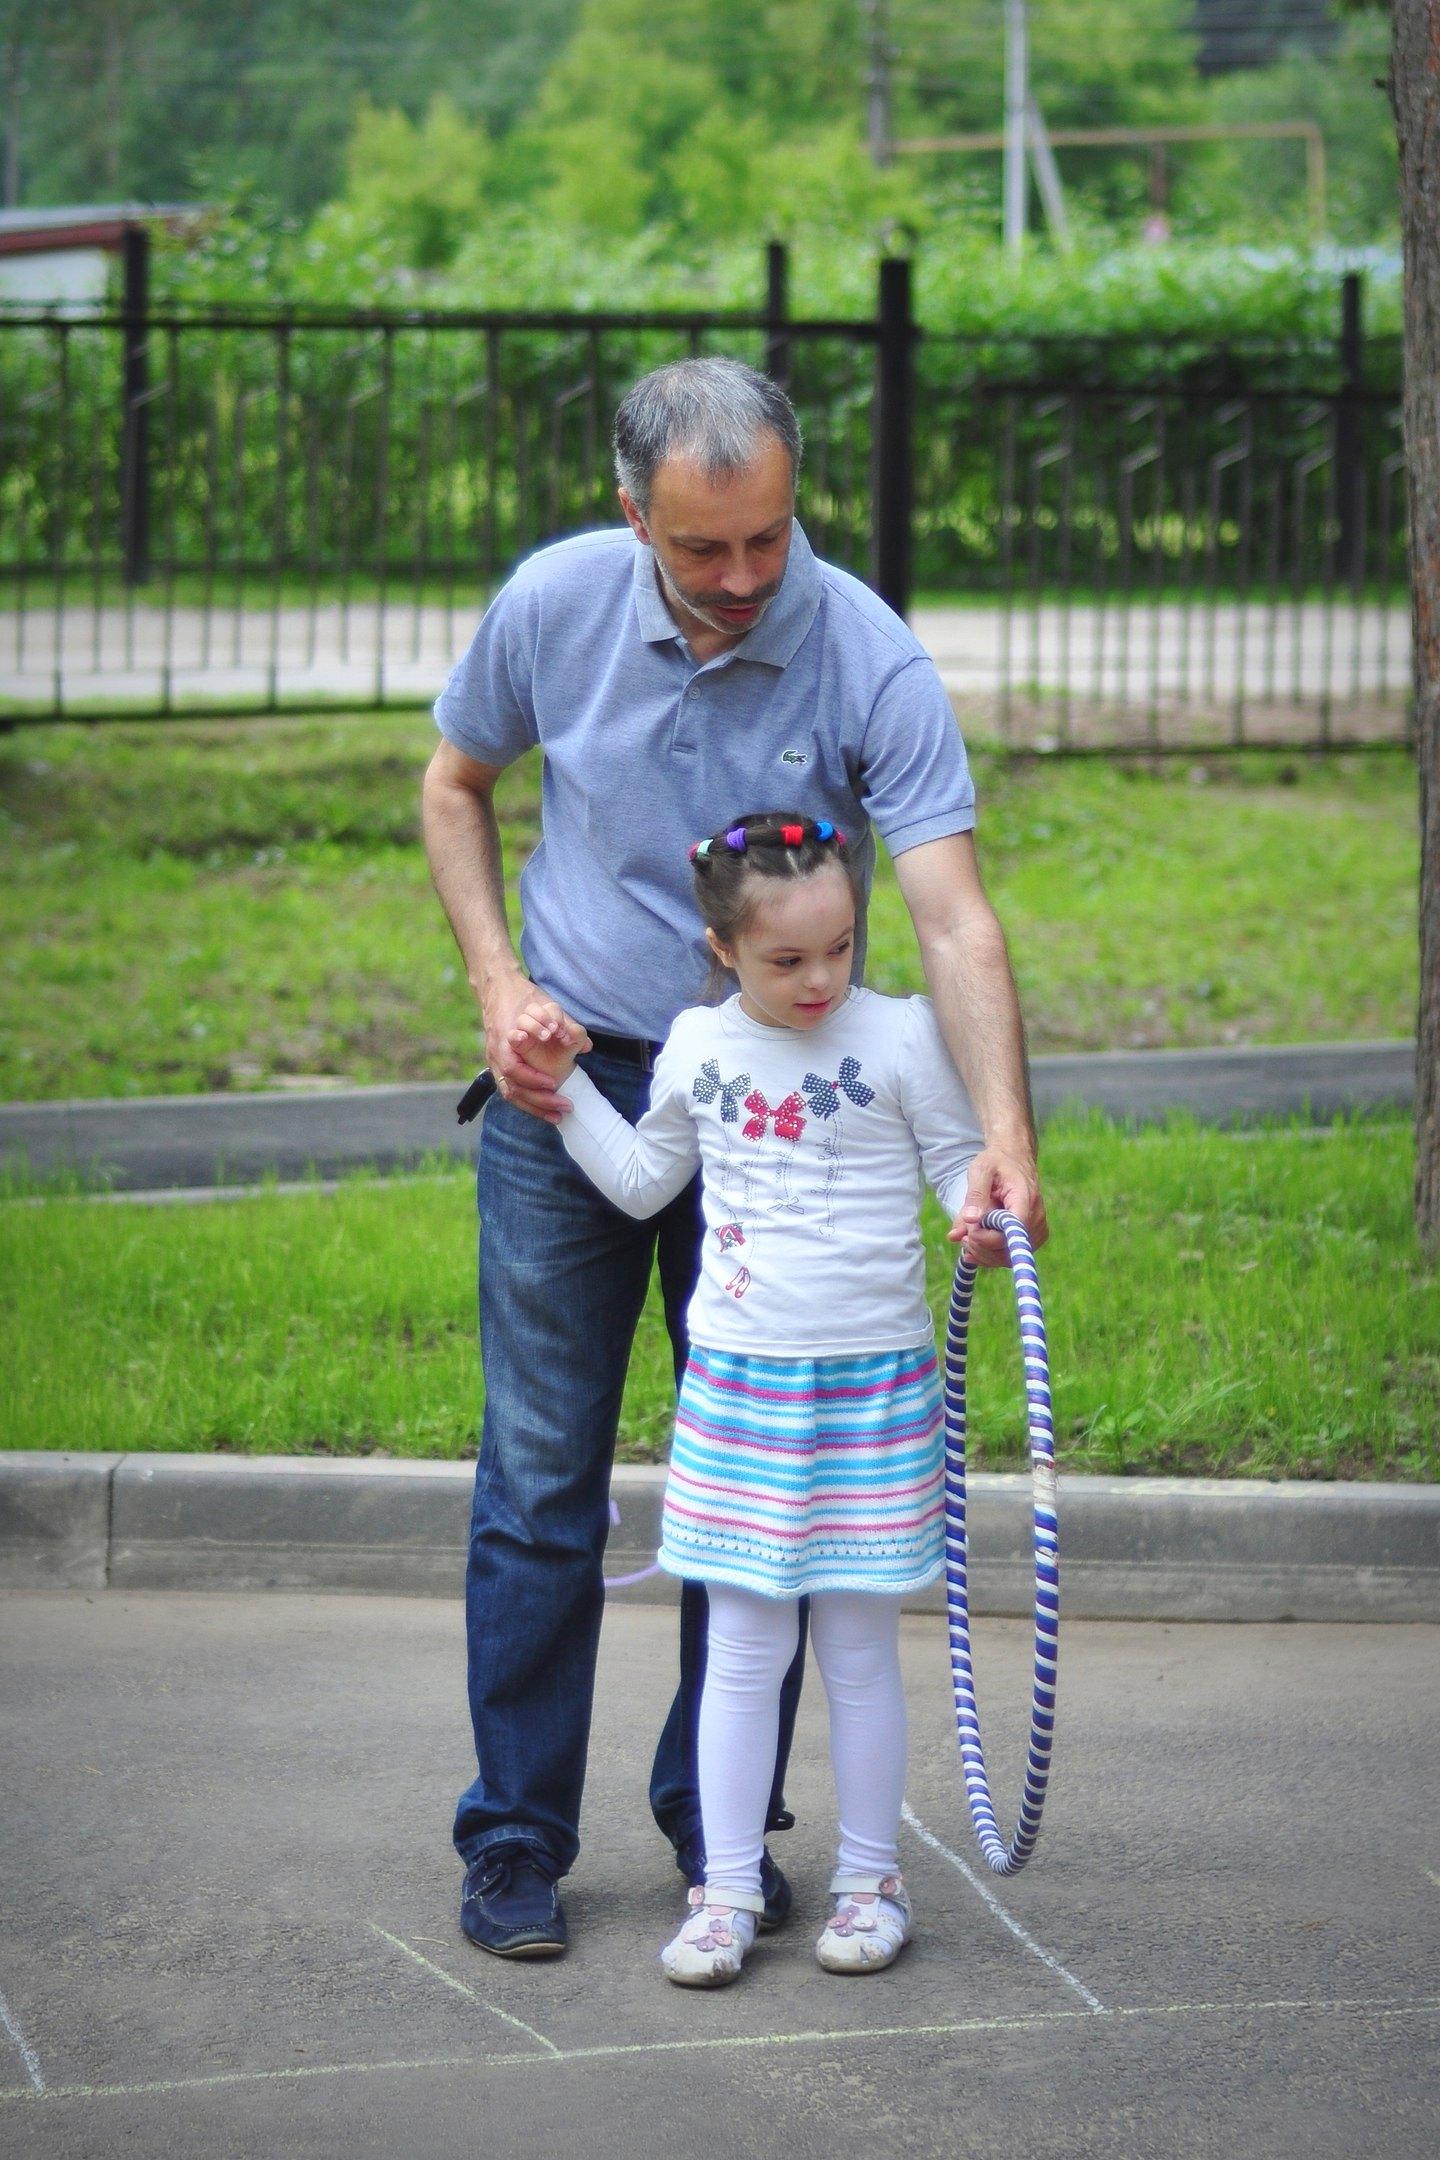 24.06.2016, вып. в Лесовичке, фото О. Сидяковой, 24